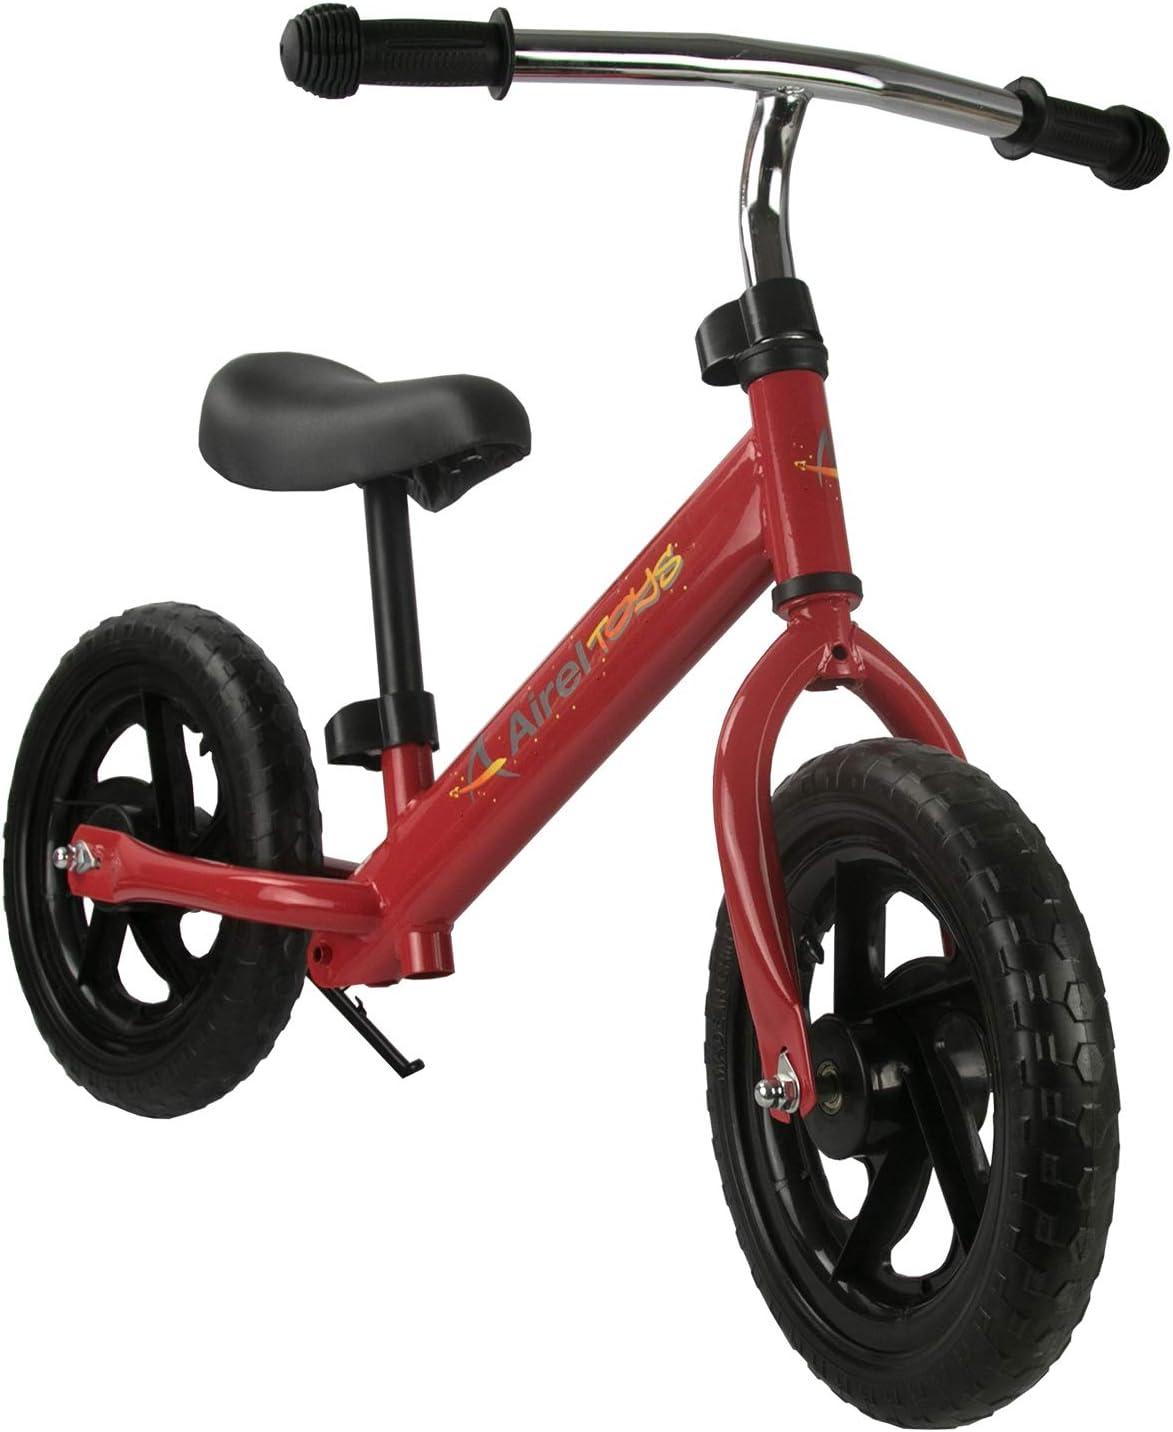 Airel Bicicleta Equilibrio para Niños | Bicicleta Sin Pedales | Bicicleta Sin Pedales Infantil | Manillar y Asiento Regulables | De 2 a 6 años